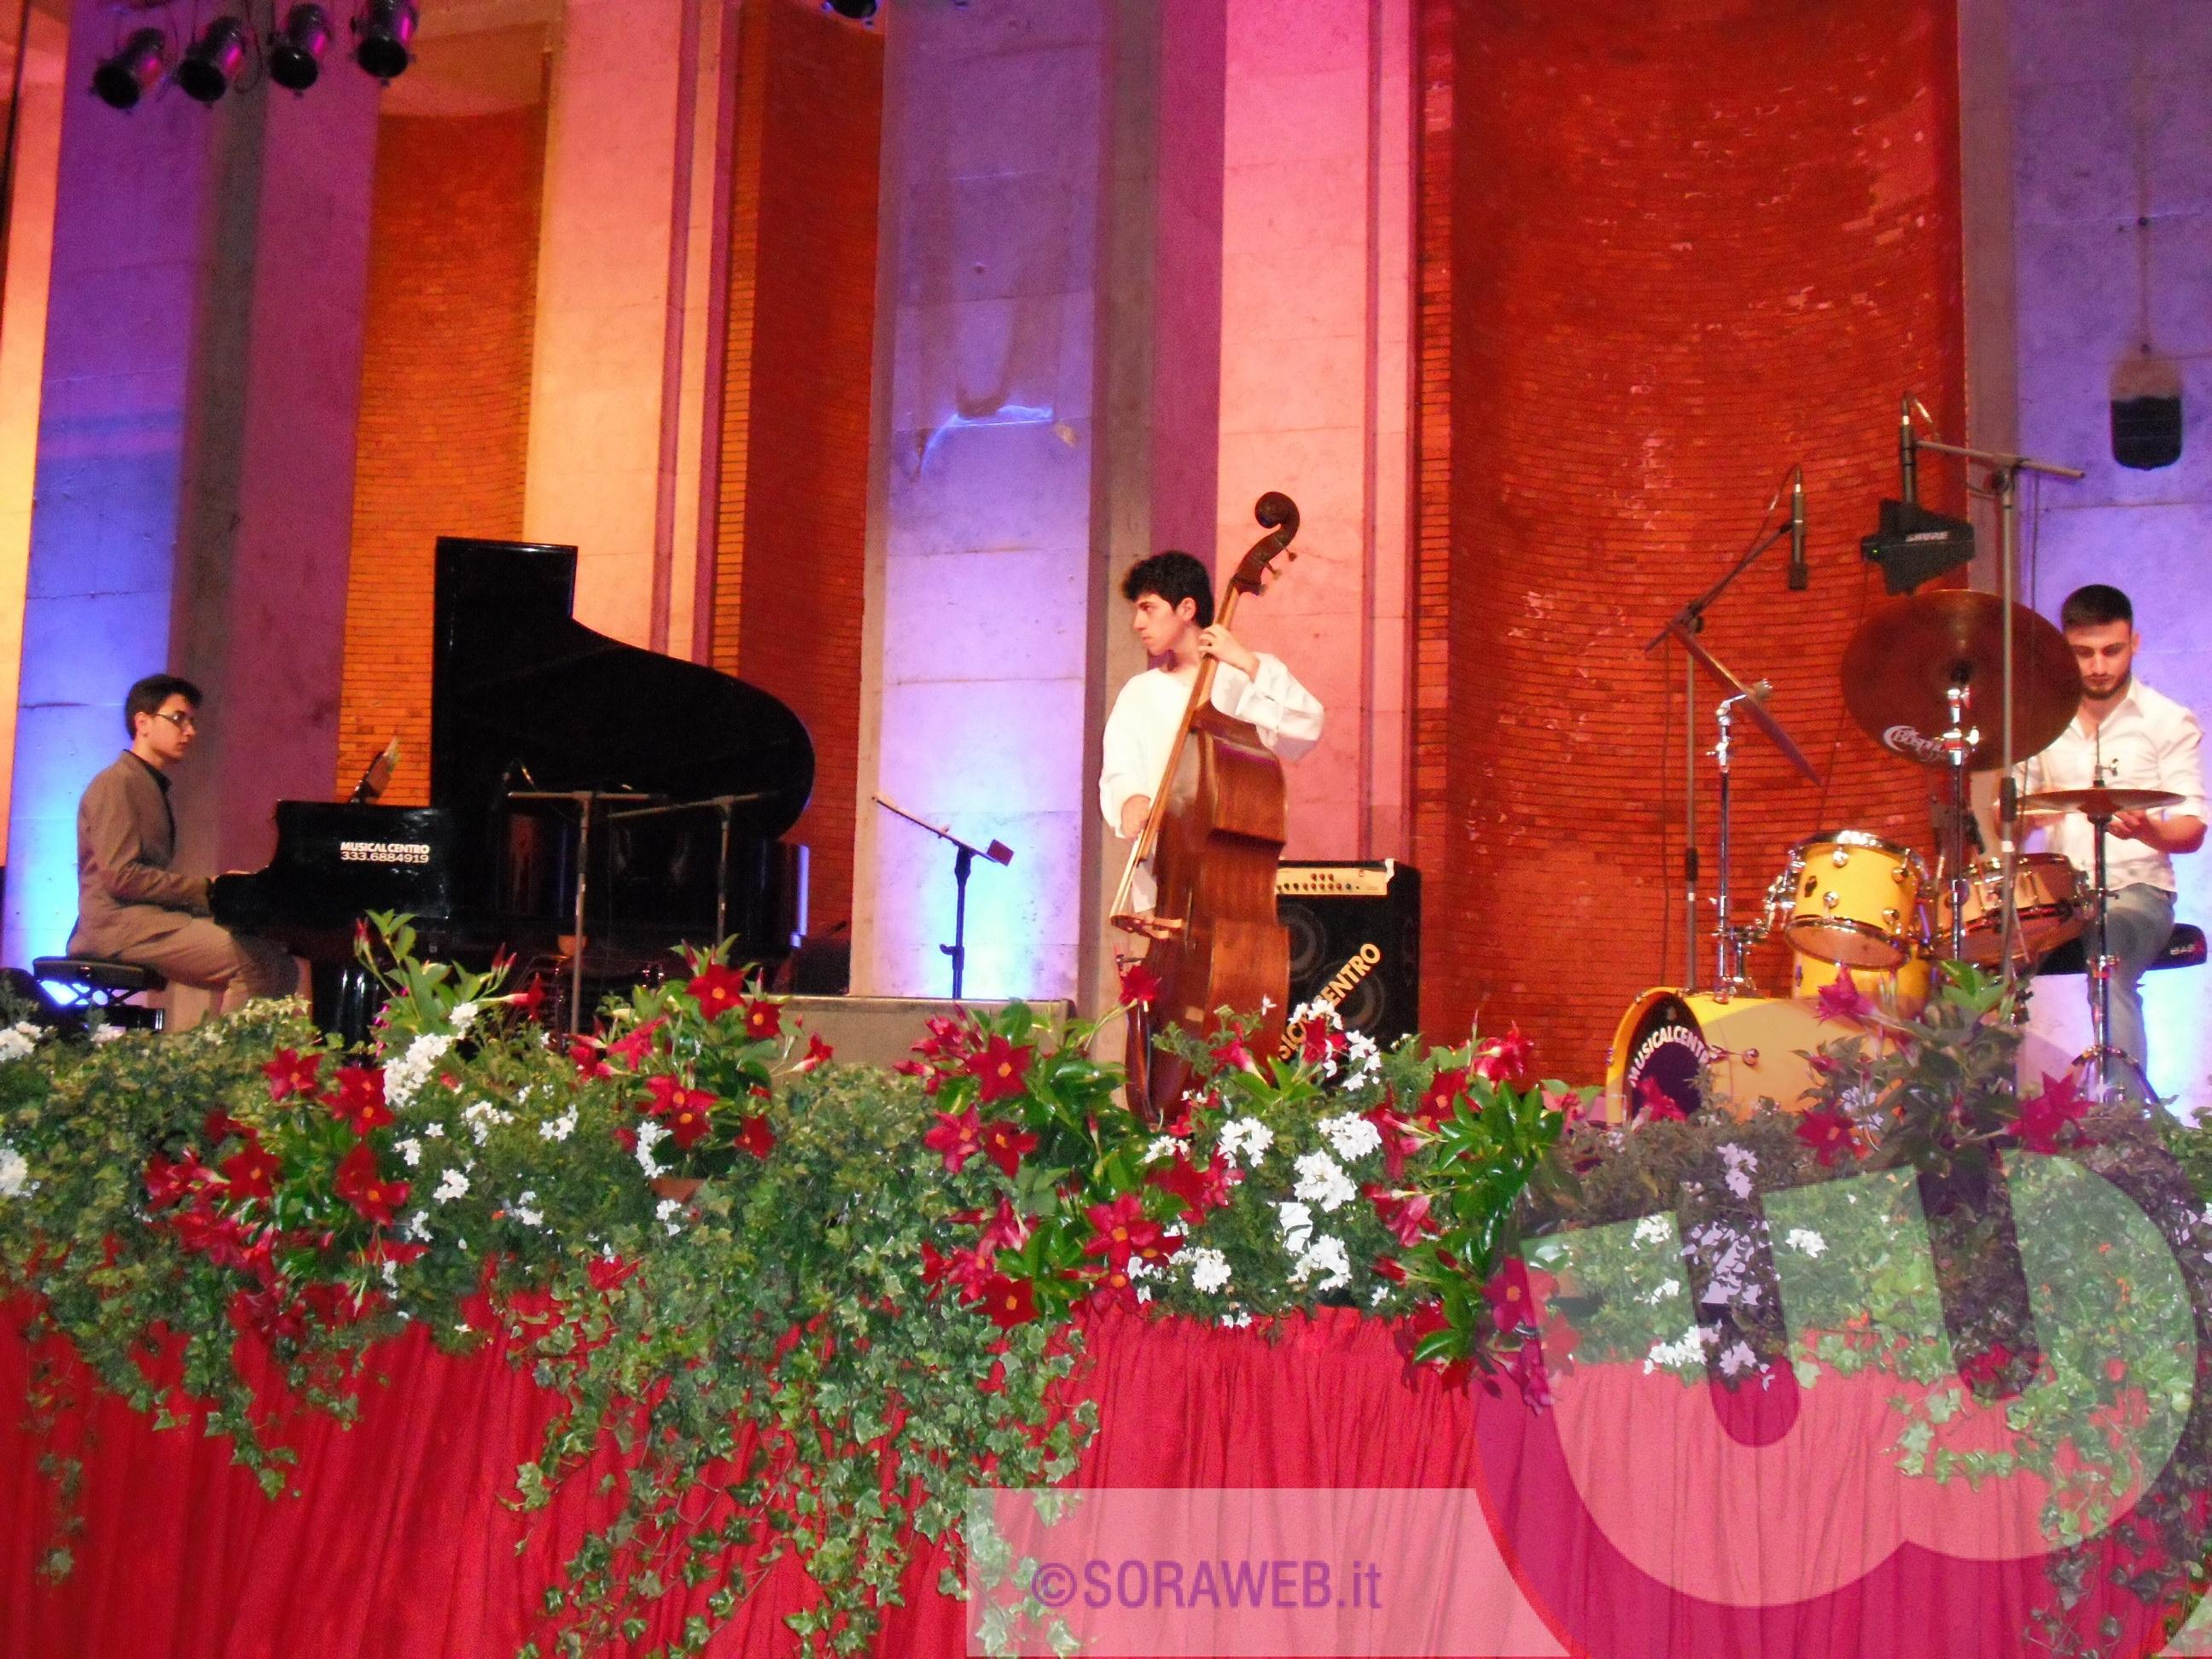 Soraweb - la formazione musicale di Napoli Lorenzo Vitolo Spring Trio